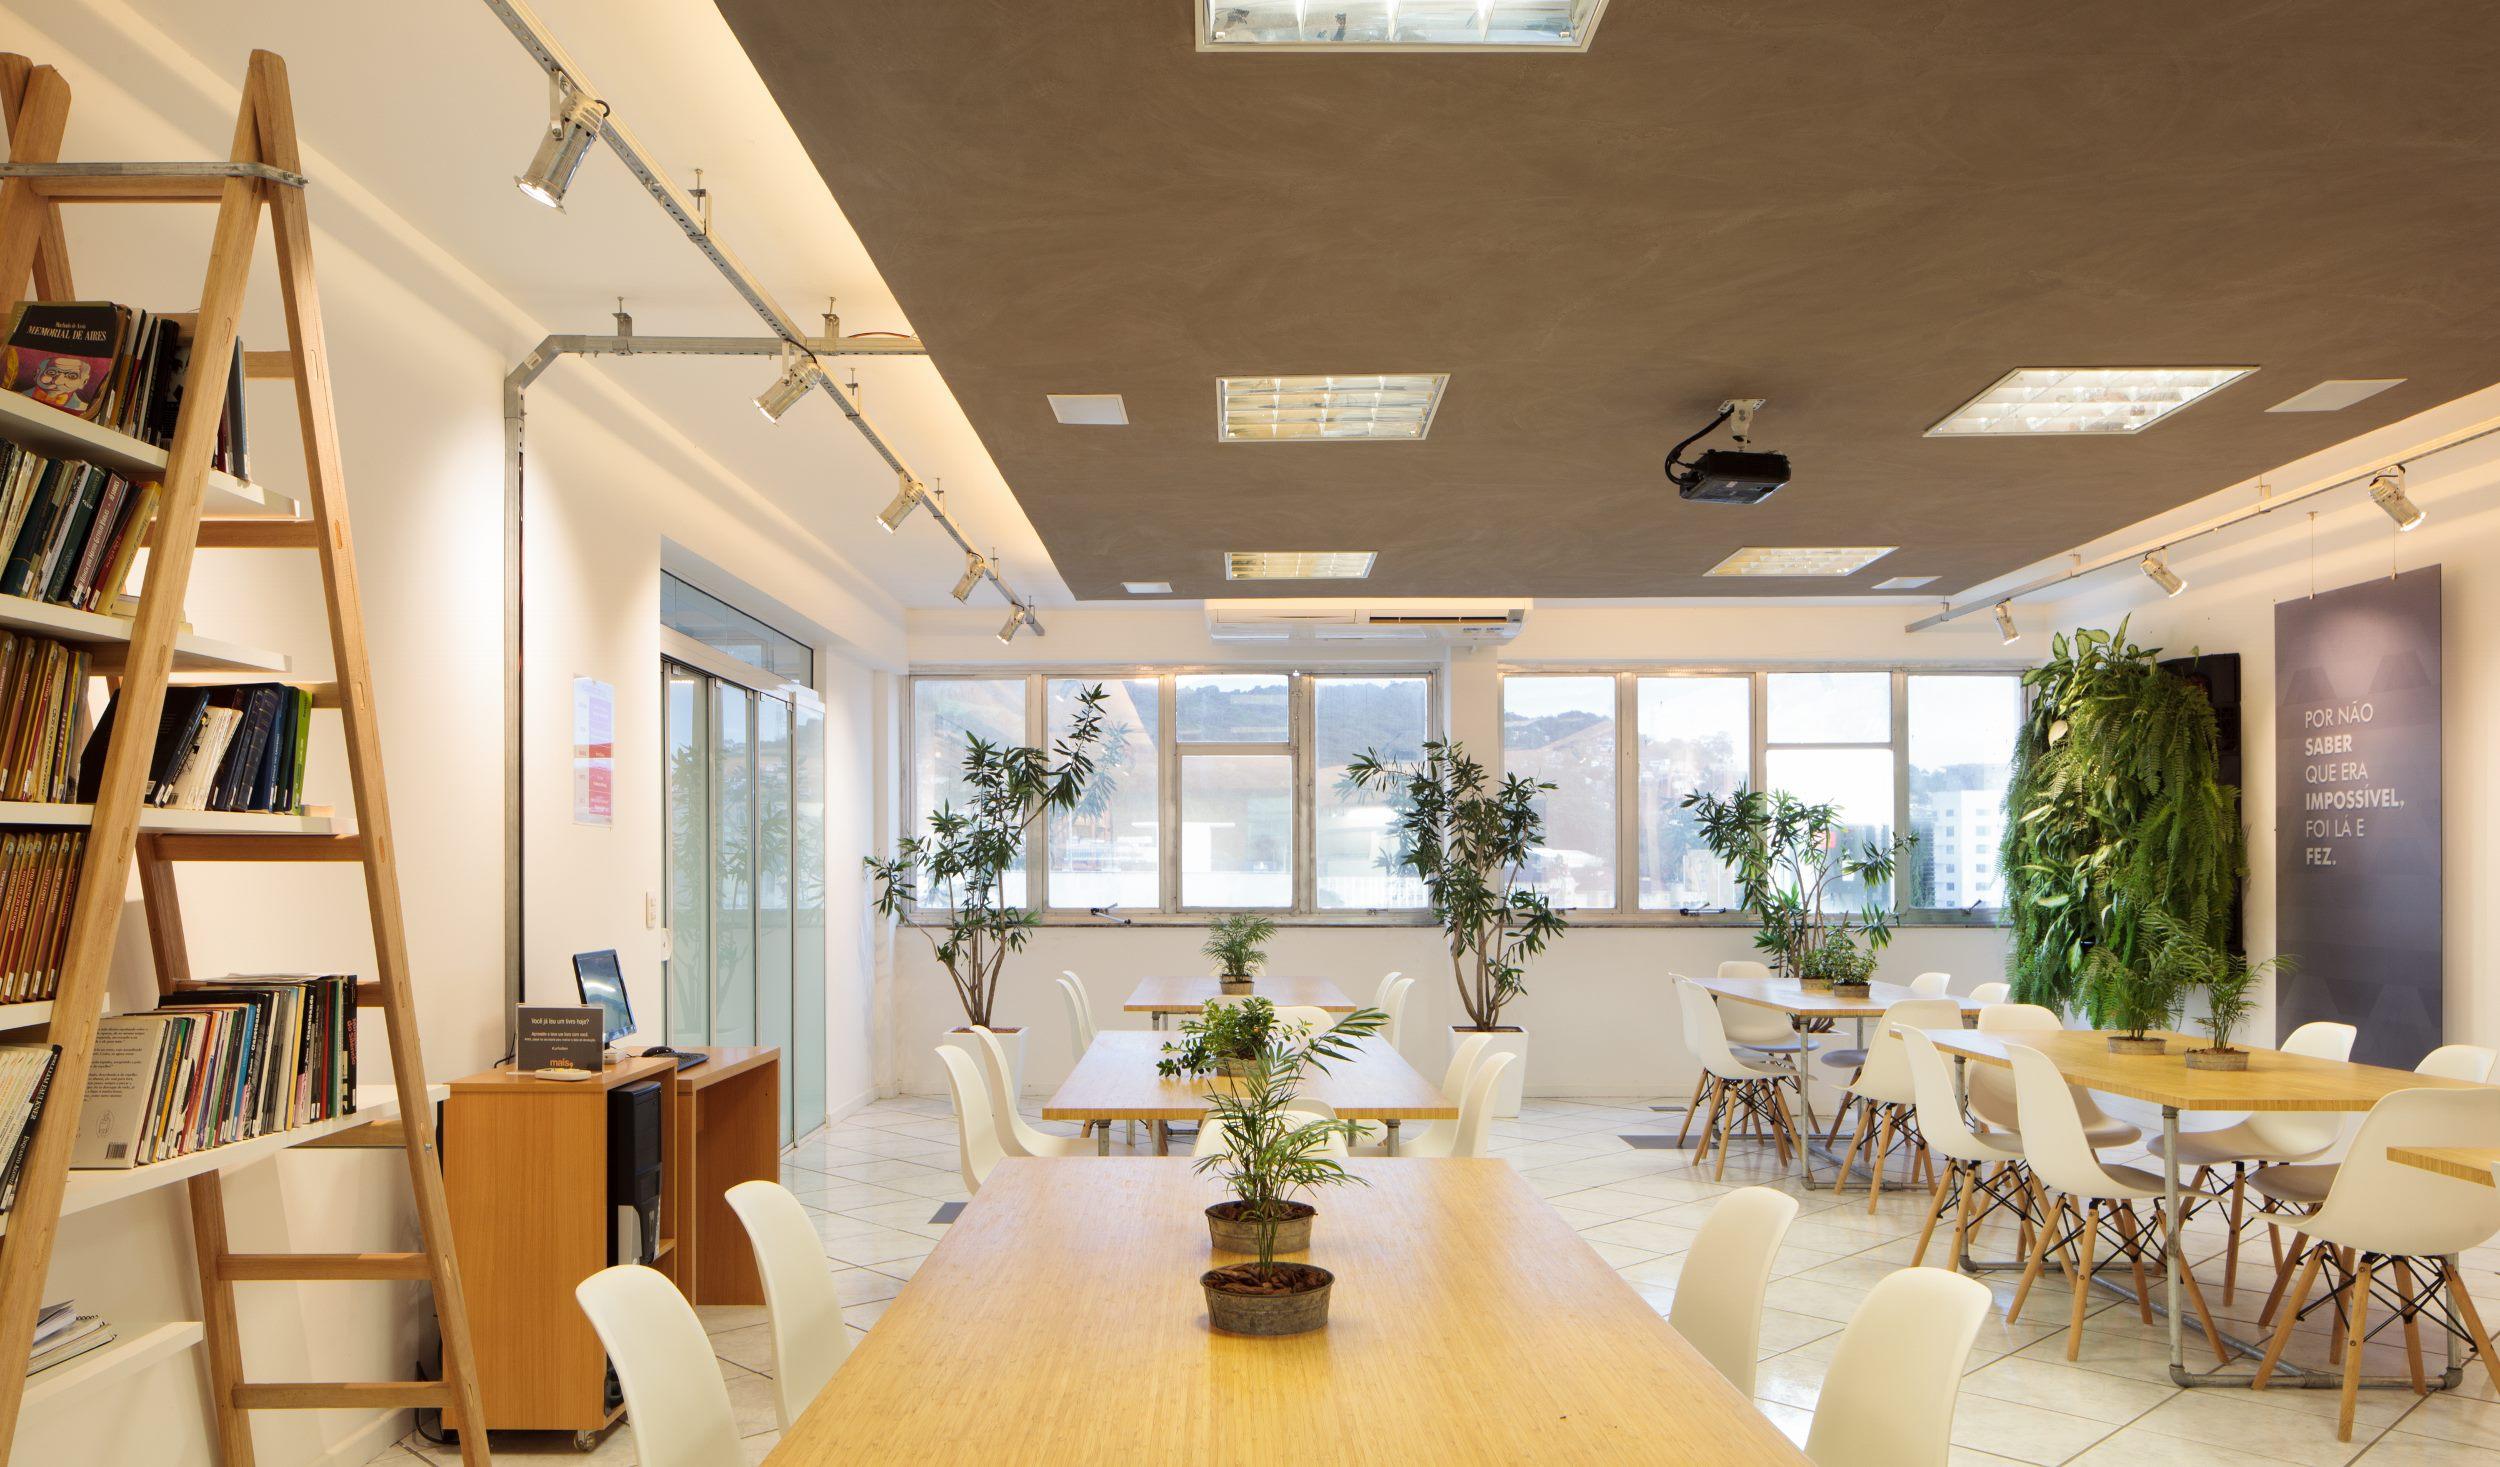 Sustentabilidade e estética clean em projeto para ambiente de ensino